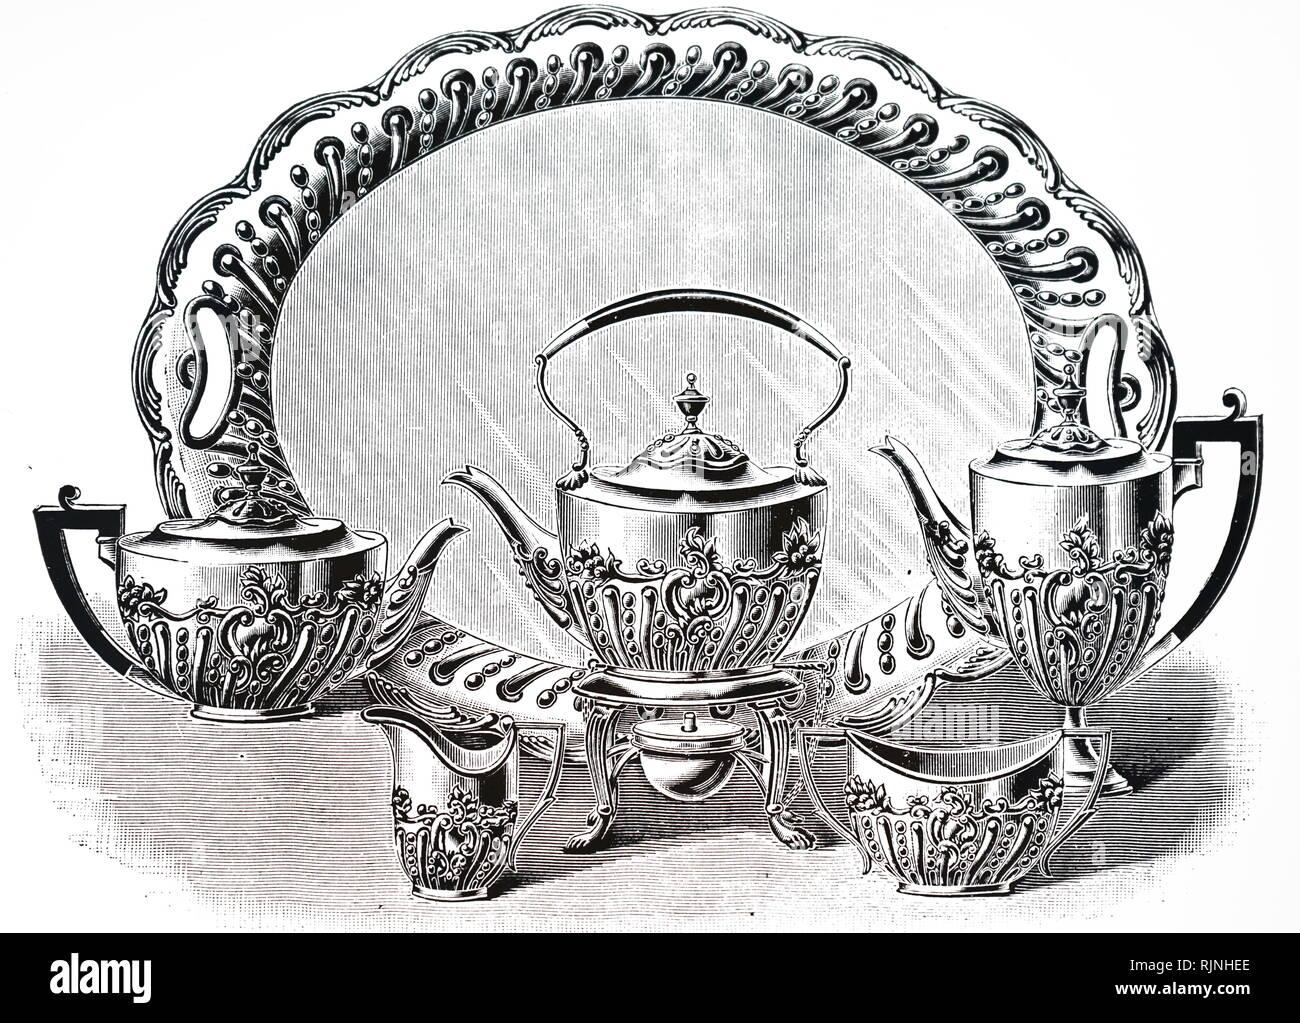 Un annuncio pubblicitario per l'oreficeria e argentiere della società - un solido color argento servizio da tè. Datata del XIX secolo Immagini Stock